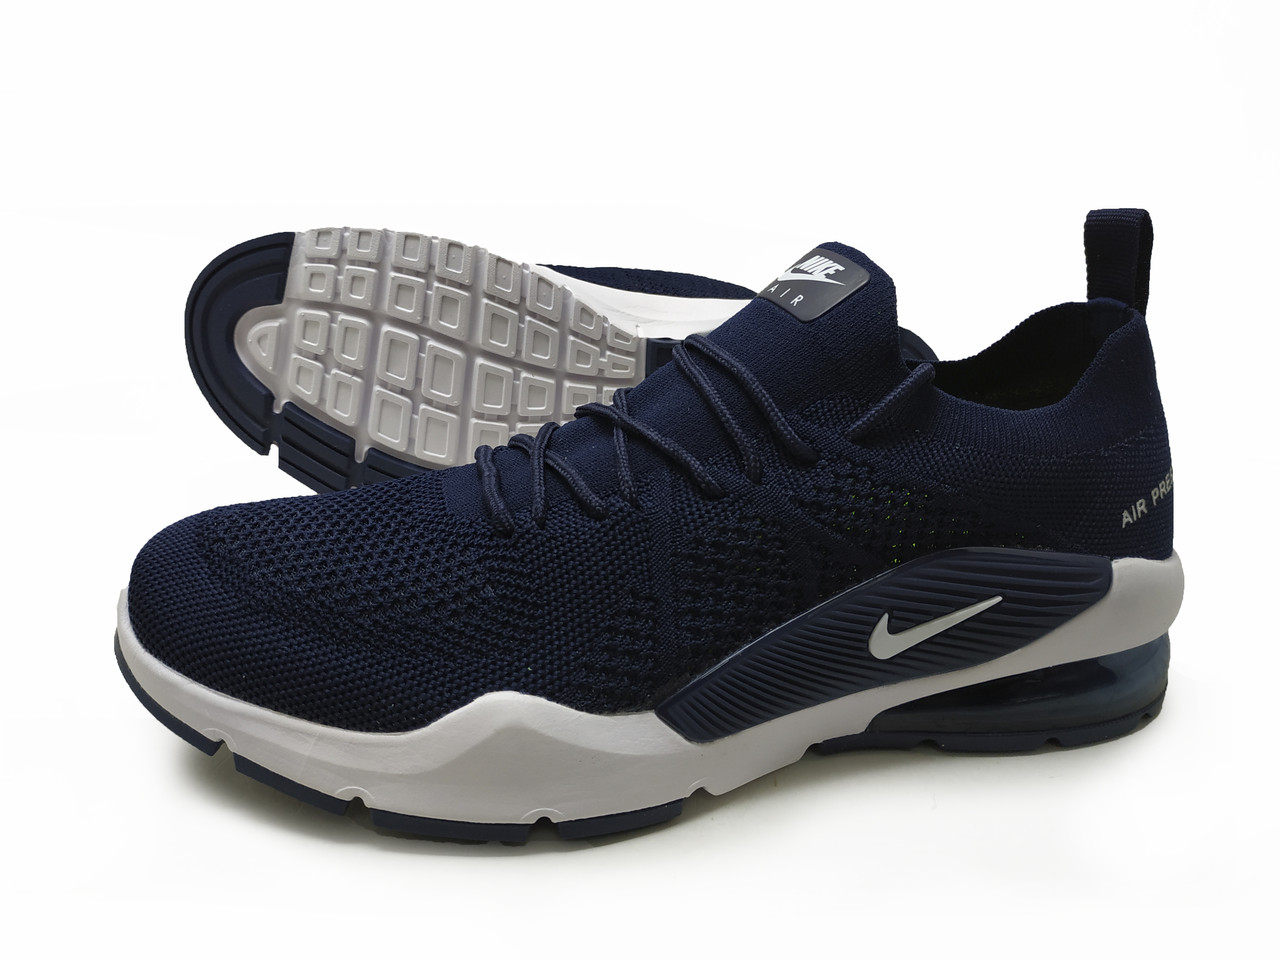 Кроссовки мужские Nike Air Presto 7 сетка на шнурках тёмные синие, копия